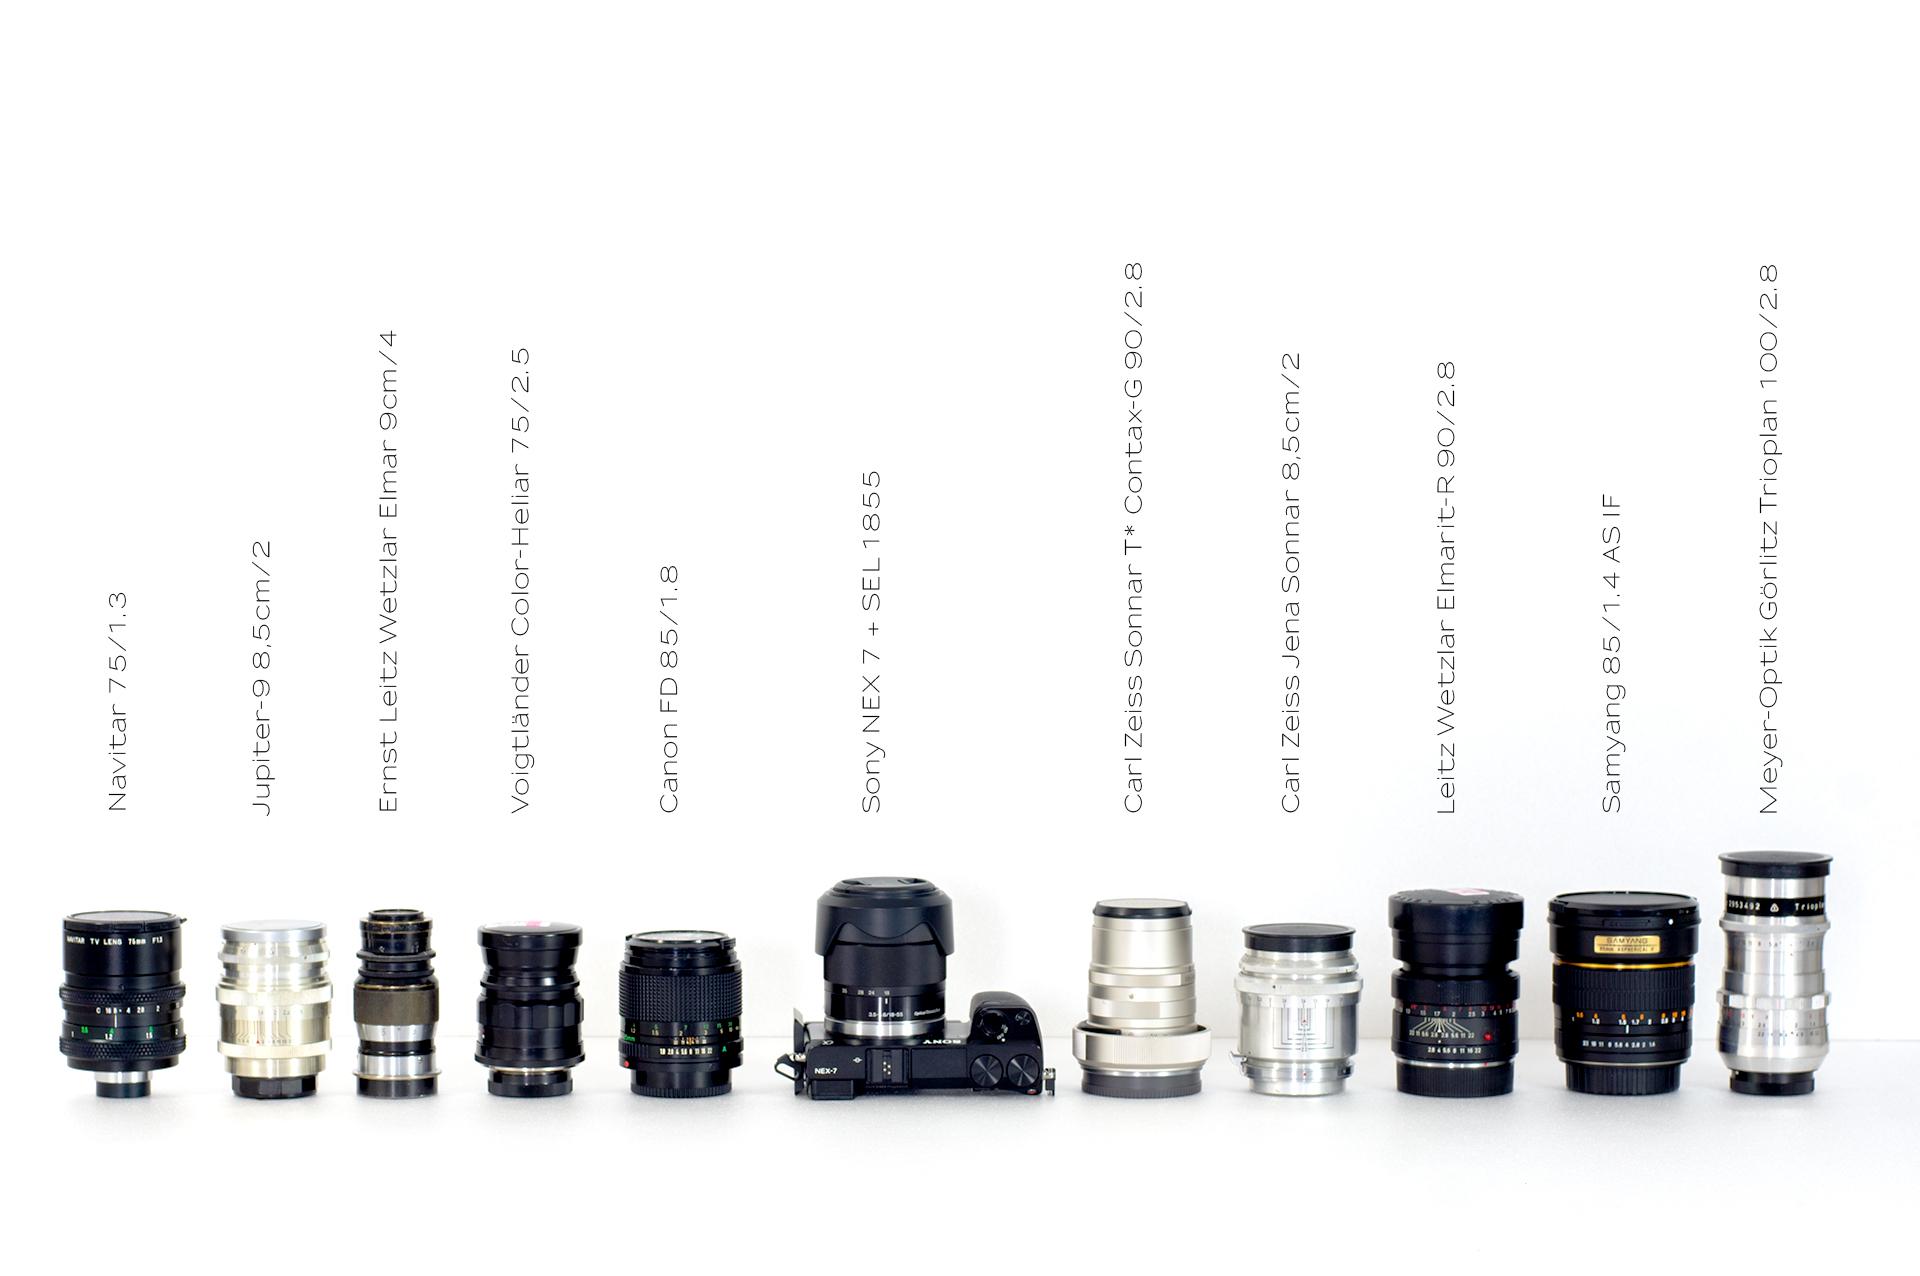 Portrait lens. Which one? 30 short portrait lenses